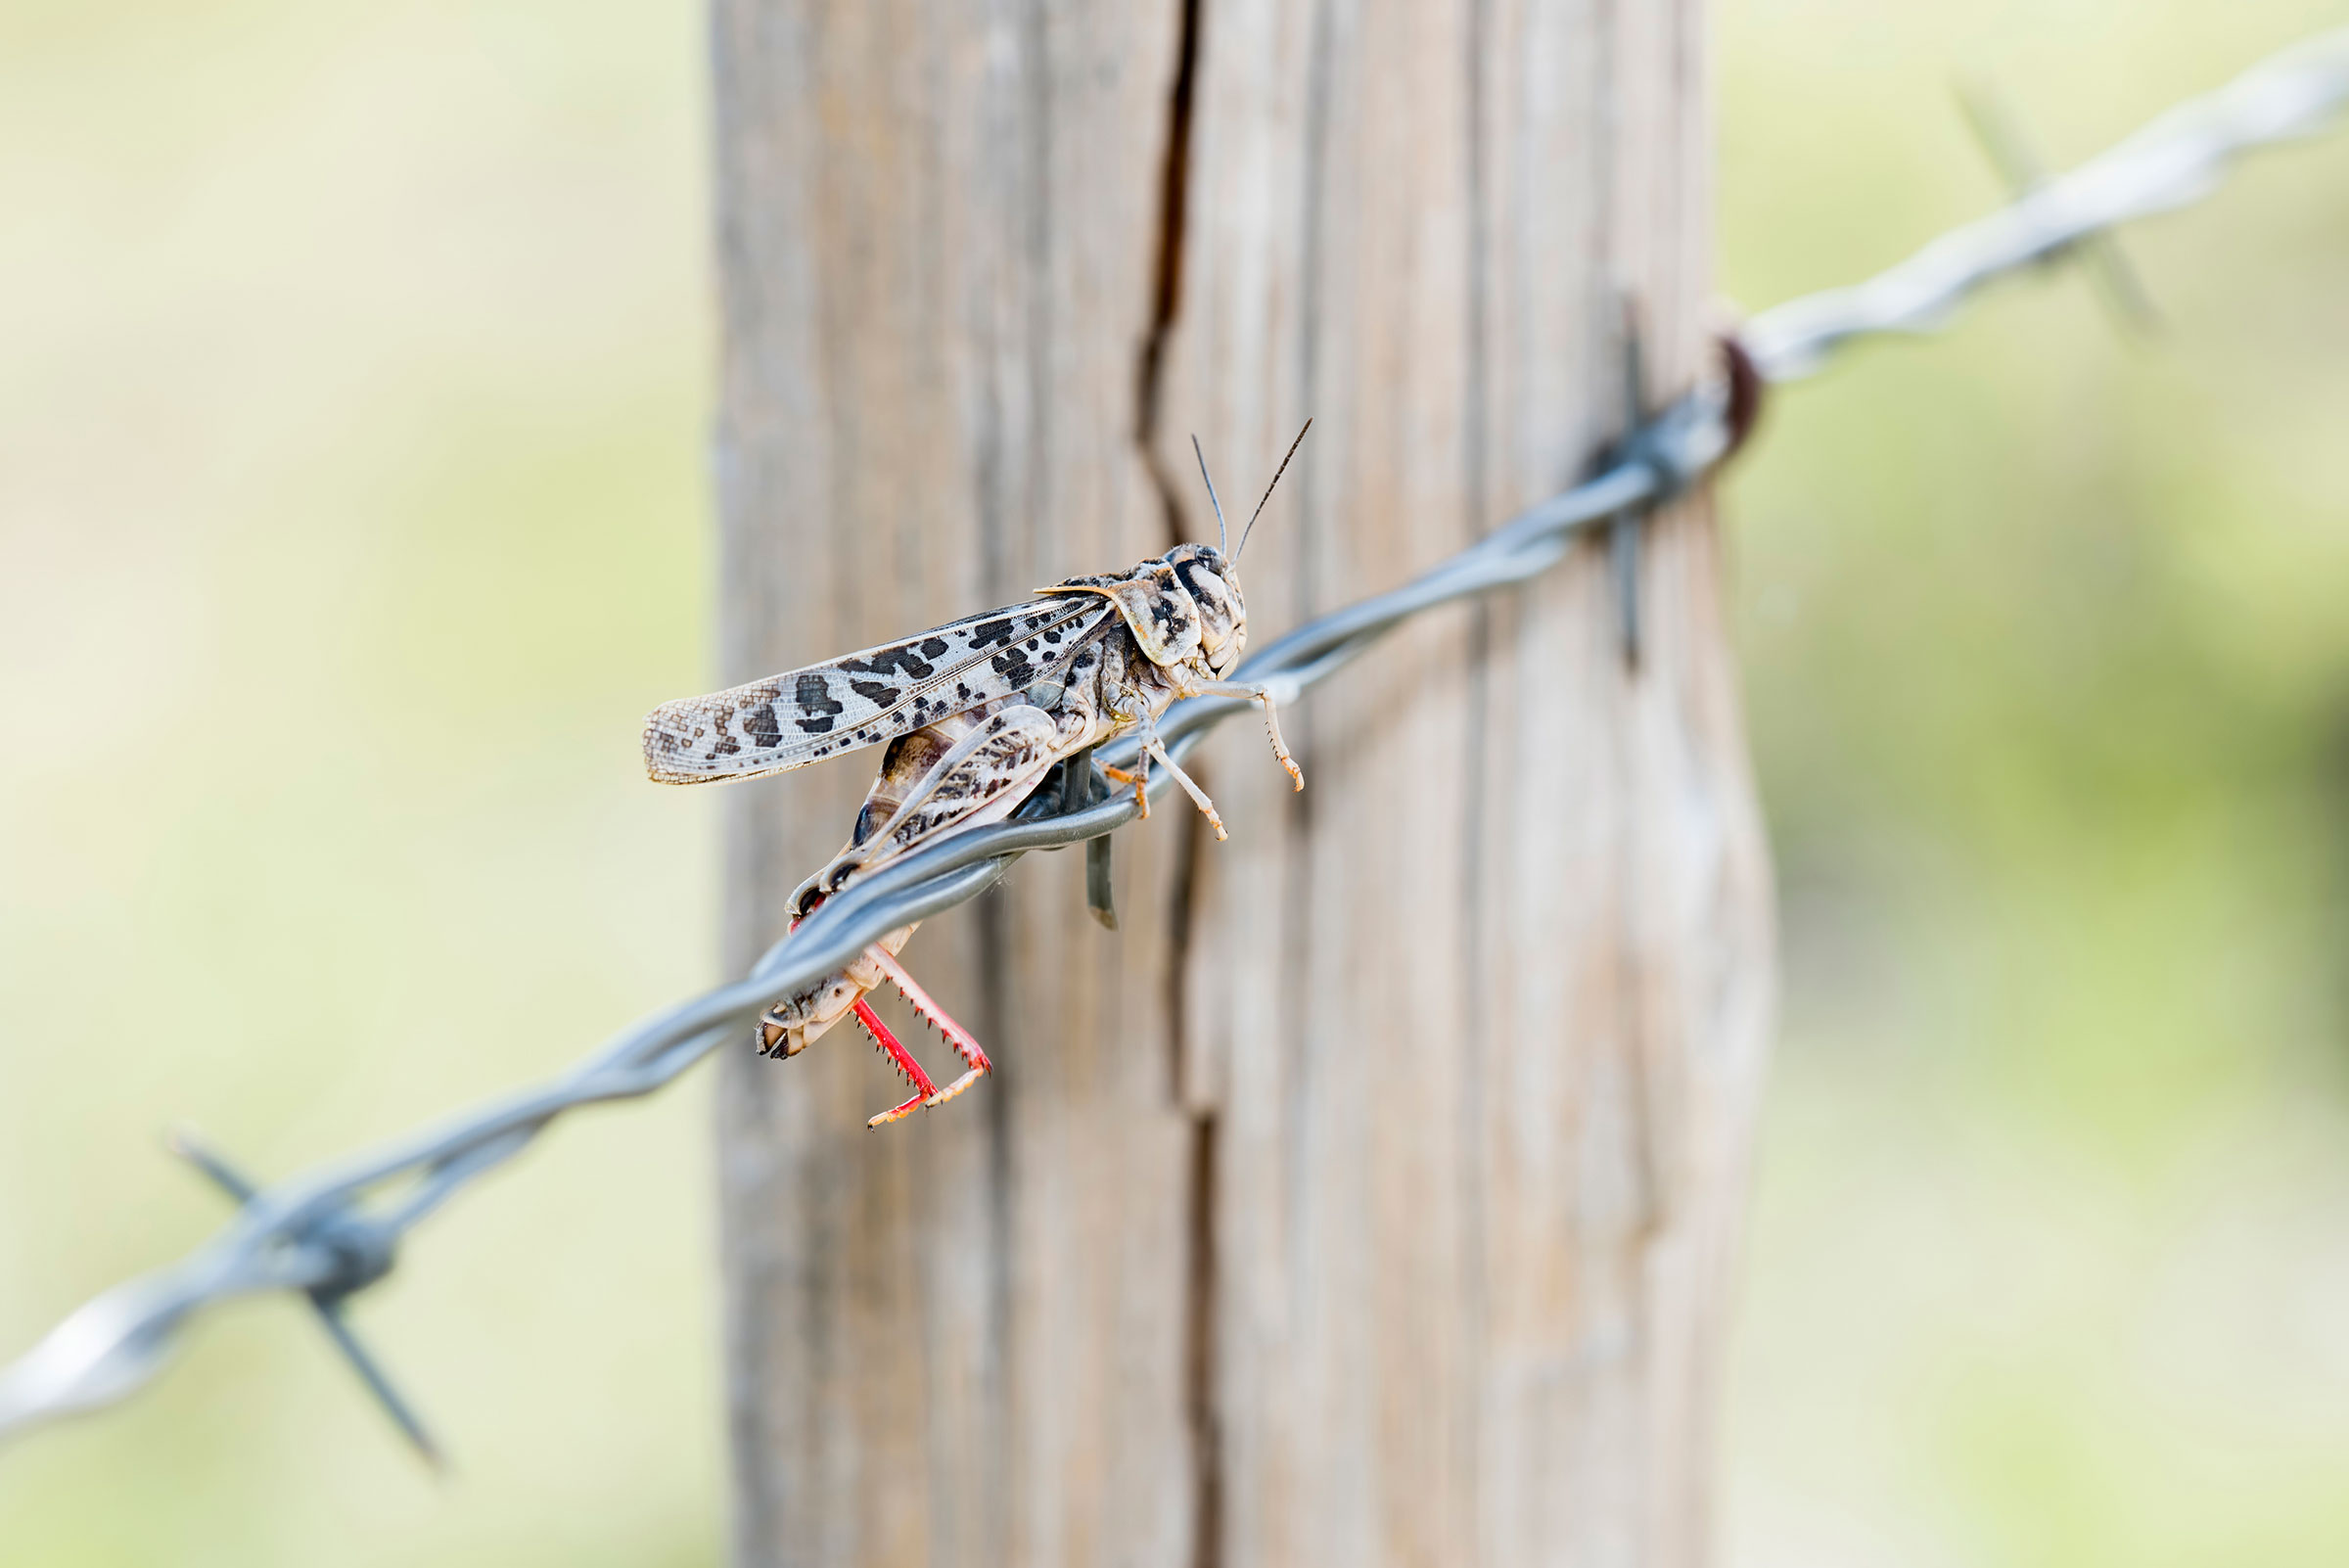 Red-shanked Grasshopper. Rachel Hopper